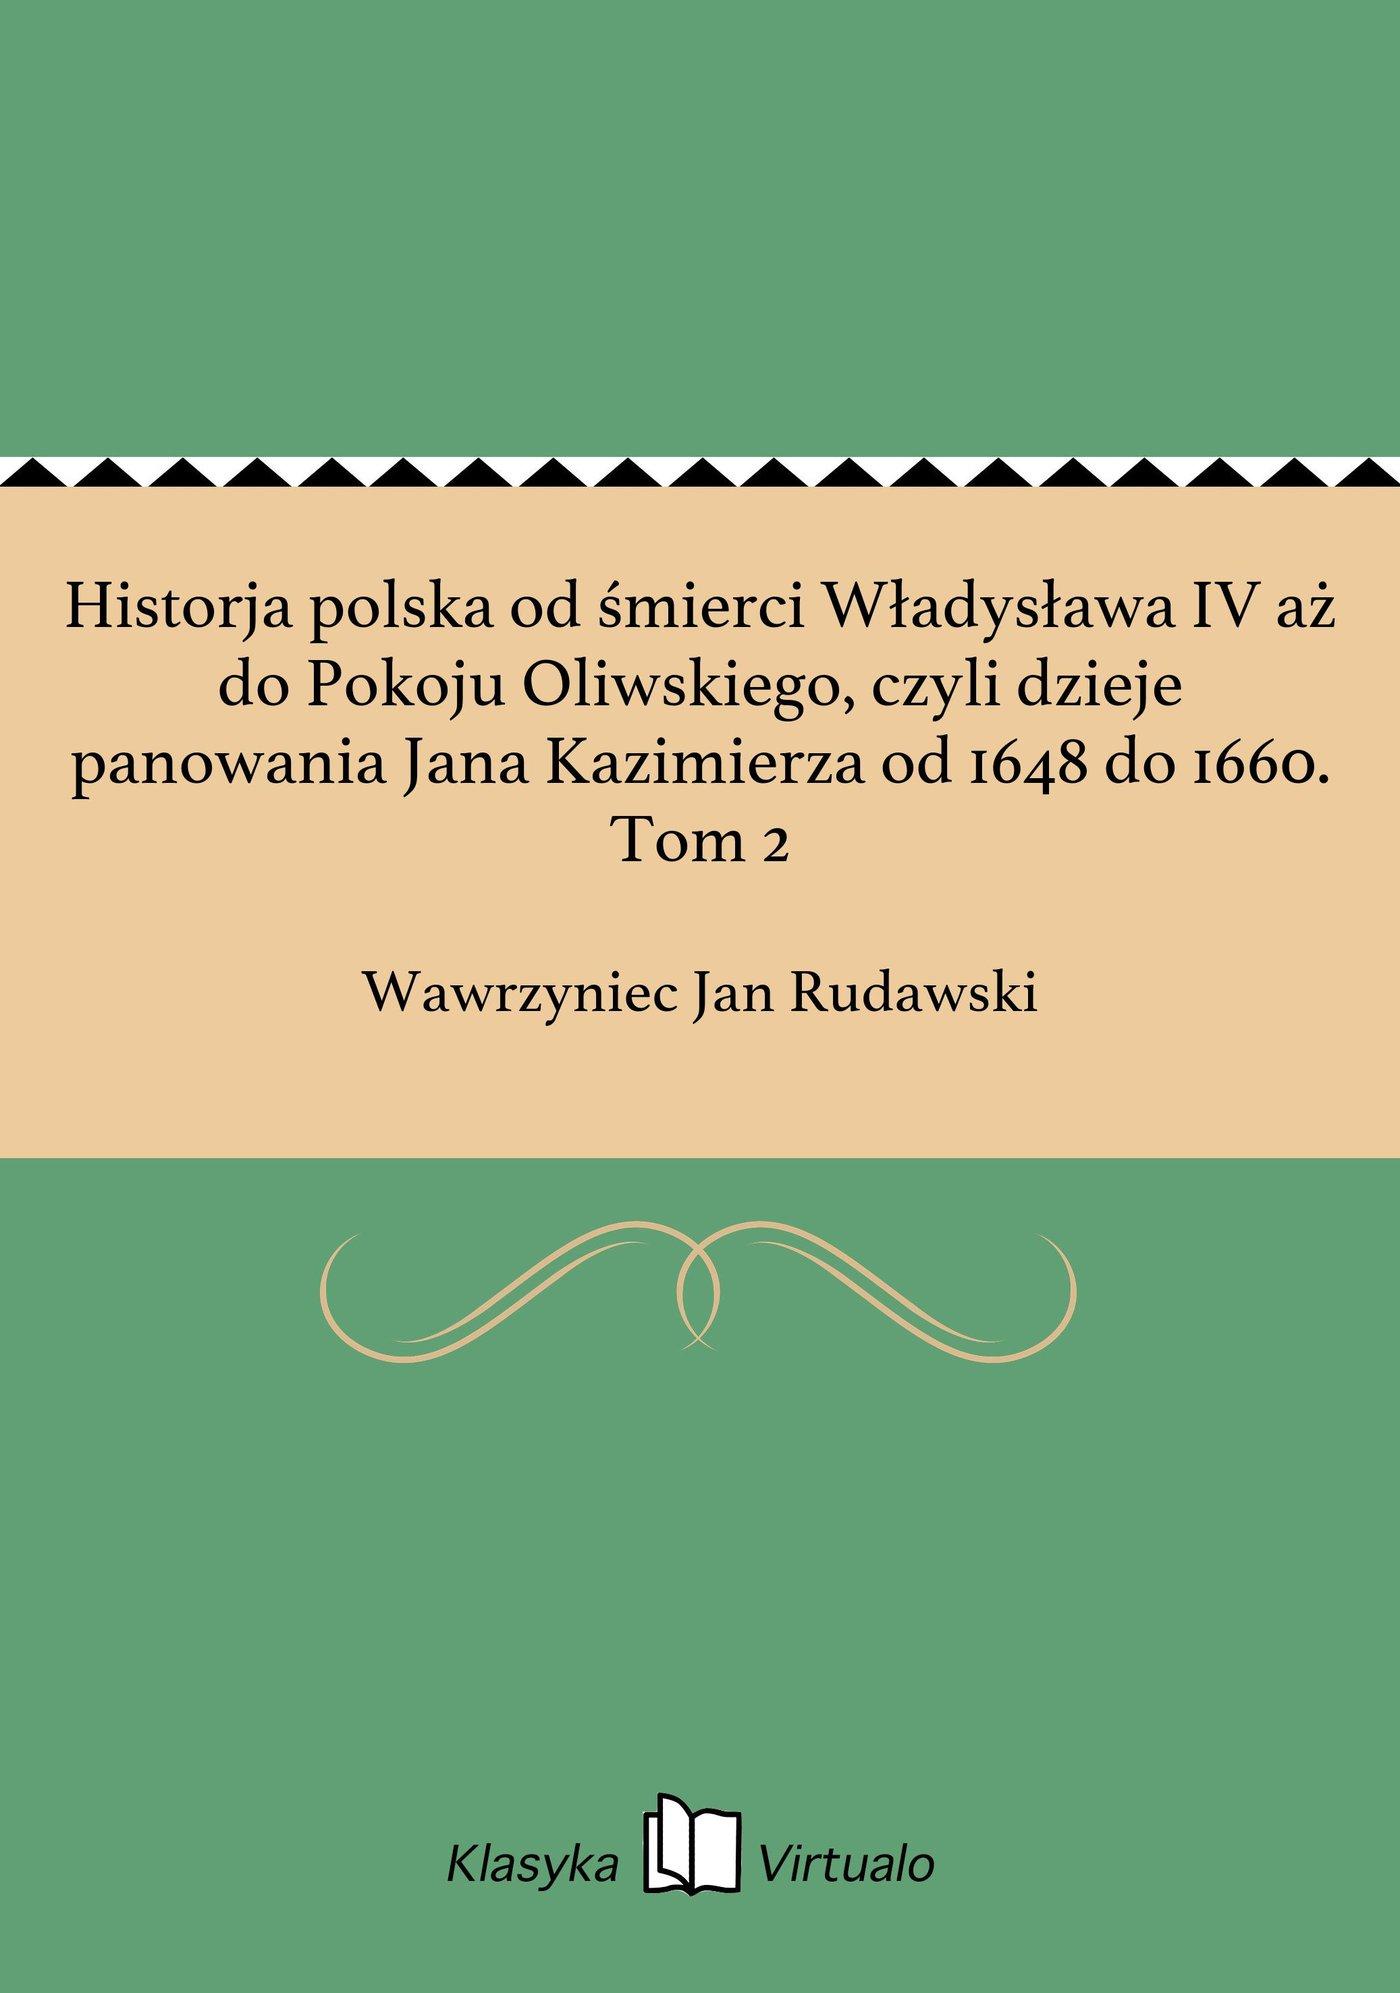 Historja polska od śmierci Władysława IV aż do Pokoju Oliwskiego, czyli dzieje panowania Jana Kazimierza od 1648 do 1660. Tom 2 - Ebook (Książka EPUB) do pobrania w formacie EPUB